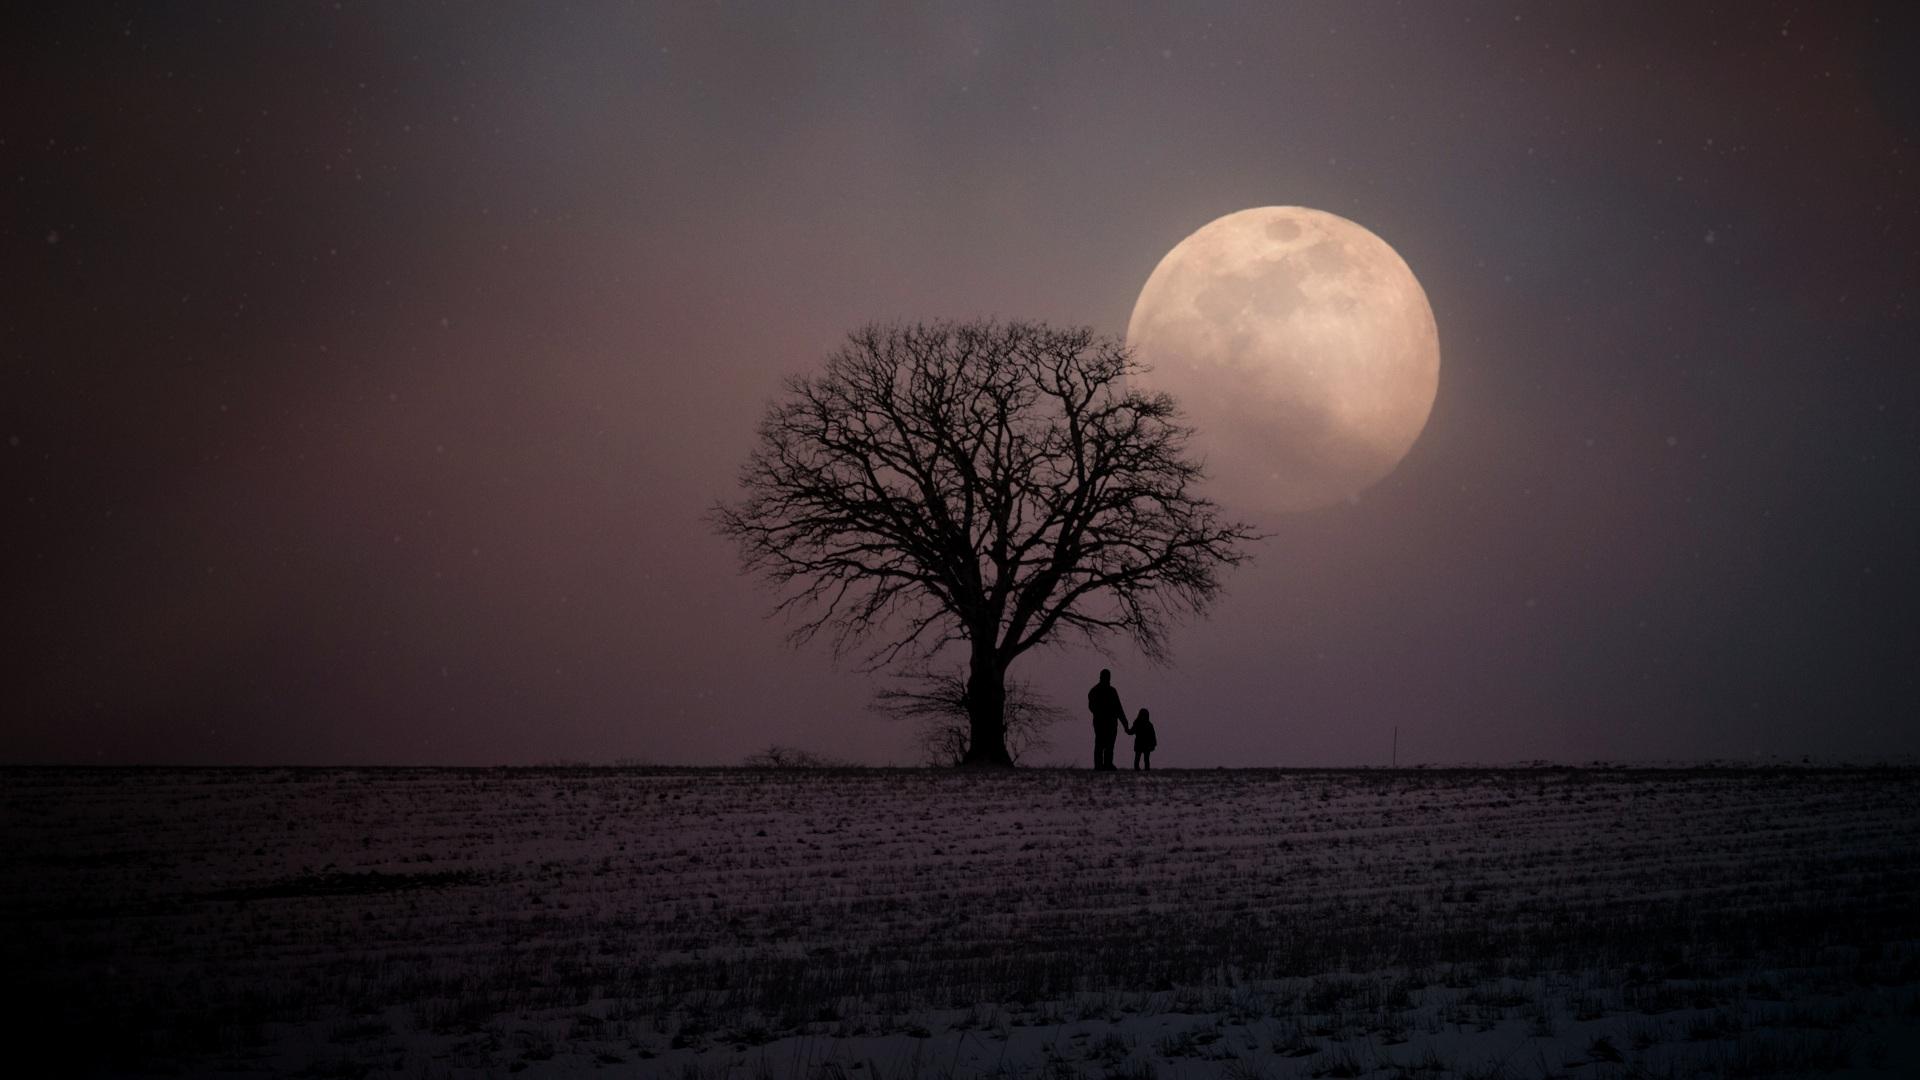 Фотография силуэты Зима вдвоем Природа луны Поля Ночь Деревья 1920x1080 Силуэт силуэта 2 две два Двое зимние Луна луной ночью в ночи Ночные дерево дерева деревьев